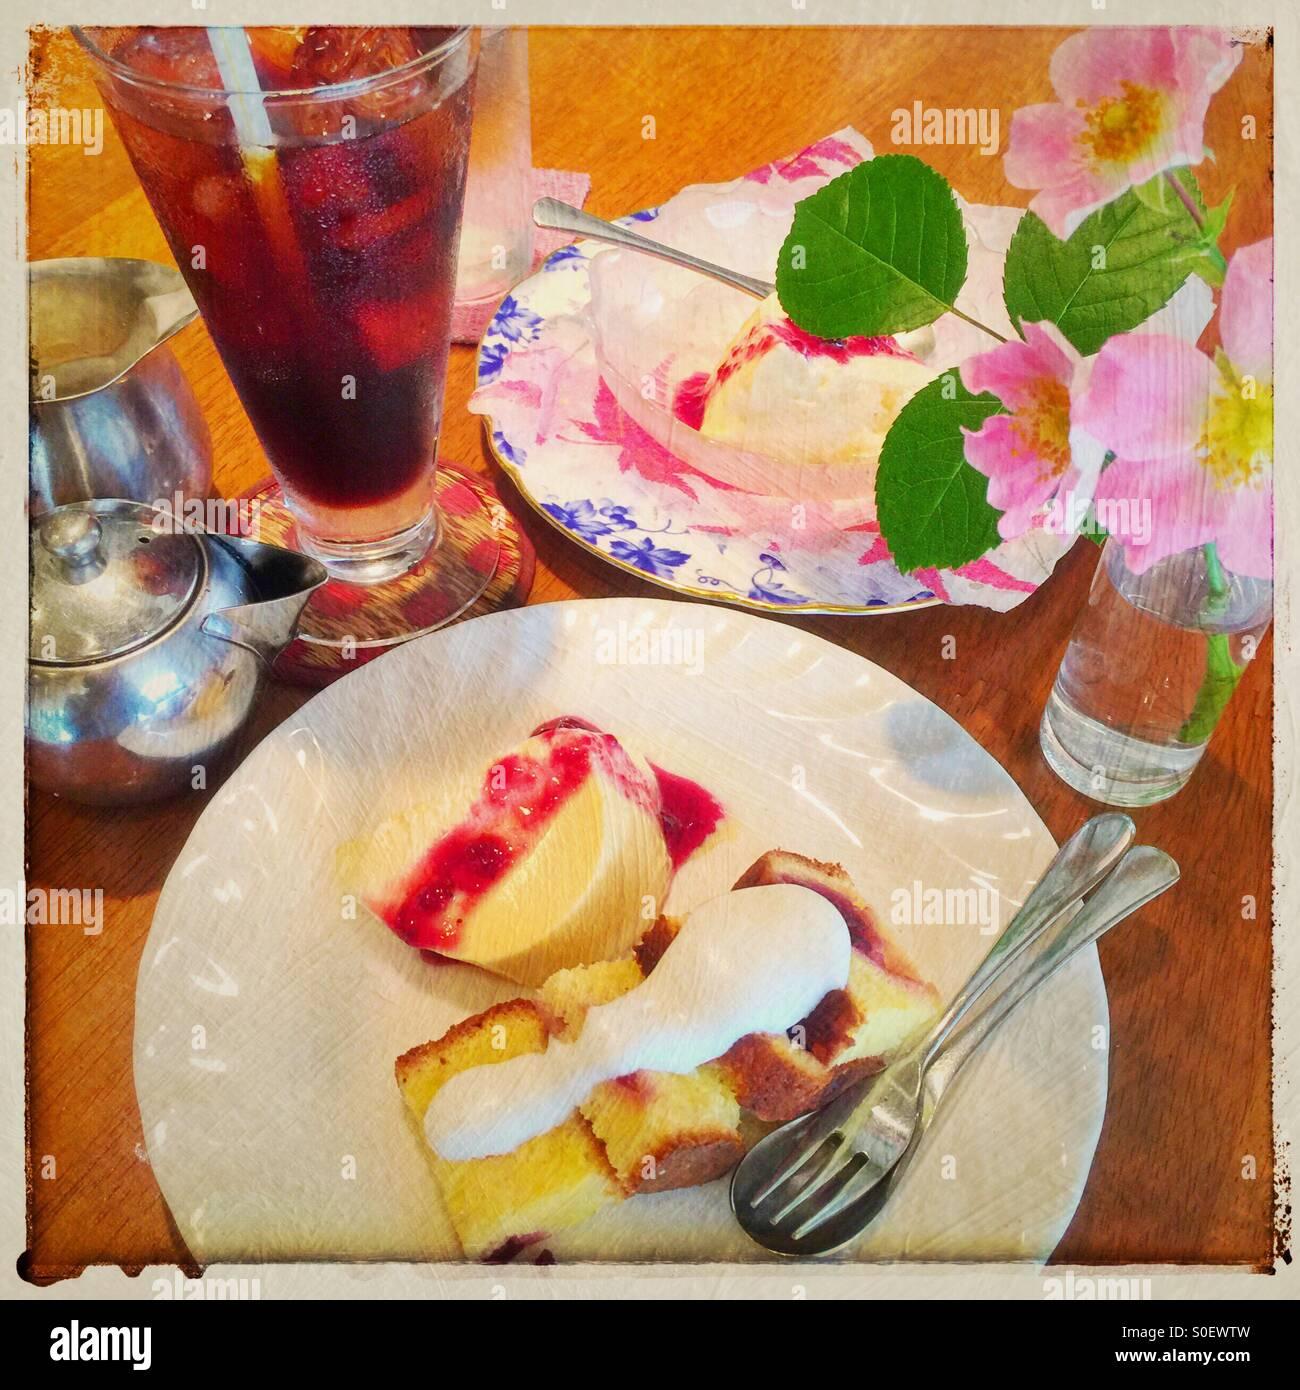 Le thé de l'après-midi avec un café glacé, crème bavaroise avec la sauce aux canneberges, pound cake avec de la crème fouettée topping et vase de roses sauvages. Vintage frame et voies de la superposition. Banque D'Images